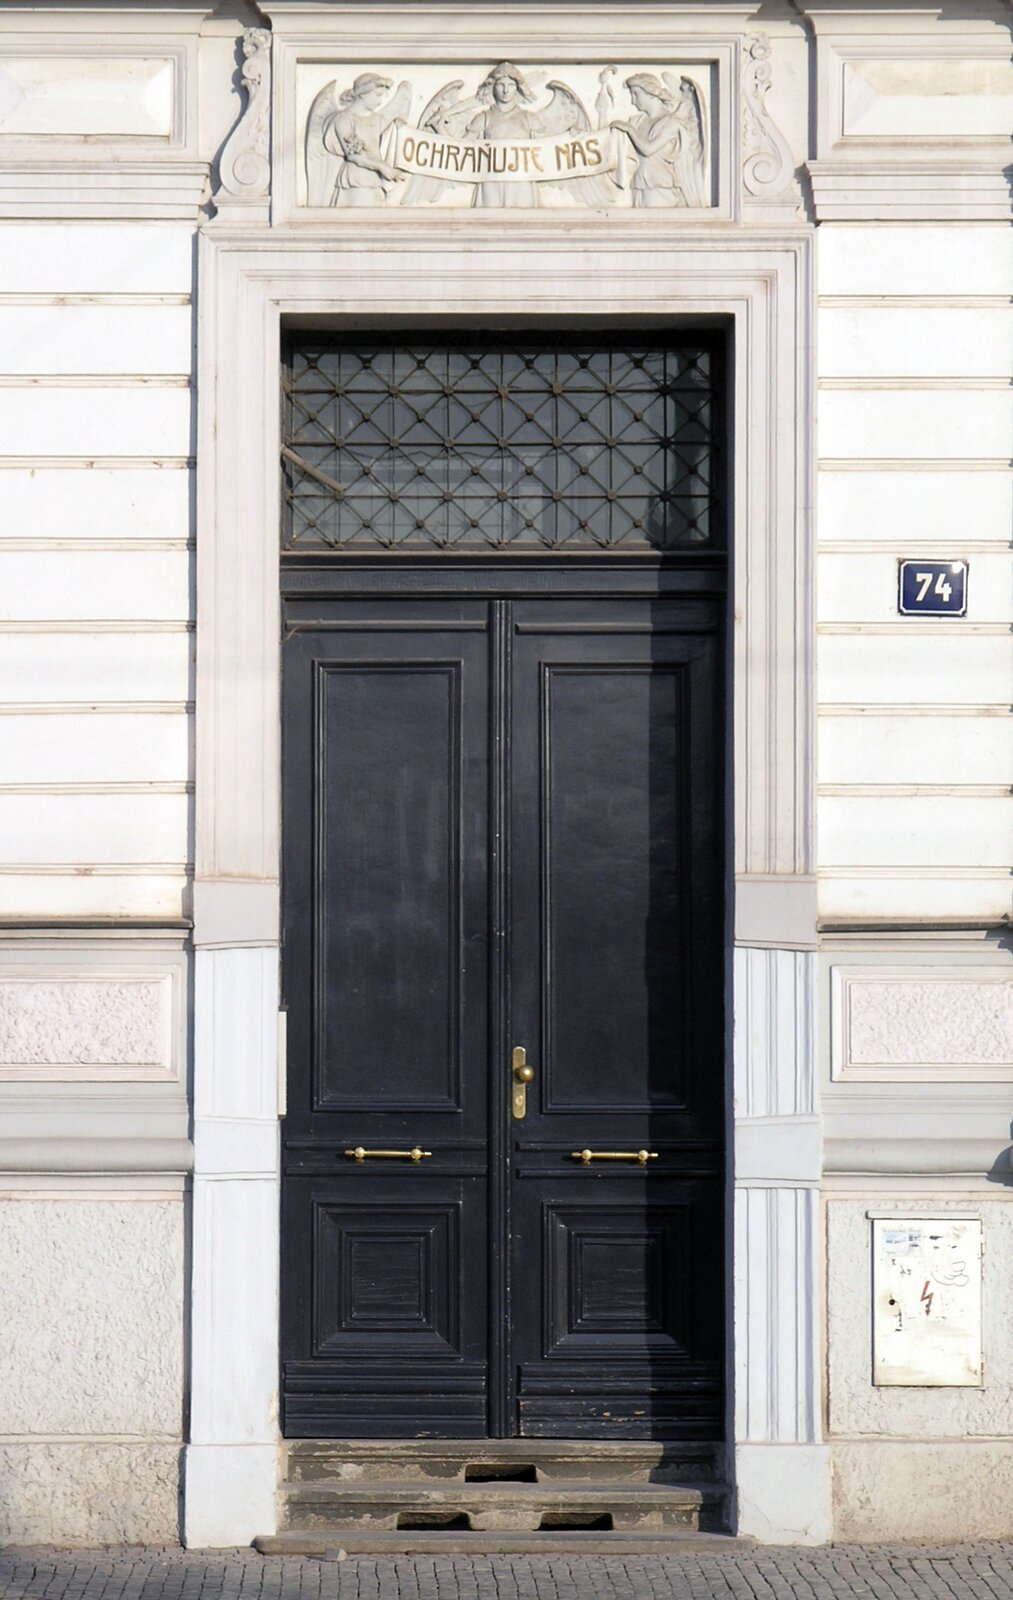 Rys. a. Zdjęcie poglądowe przedstawia historyczne drzwi wczeskiej Pradze. Jak dużego momentu siły trzeba aby je otworzyć? Fot. Matěj Baťha [CC BY-SA 3.0], via Wikimedia Commons